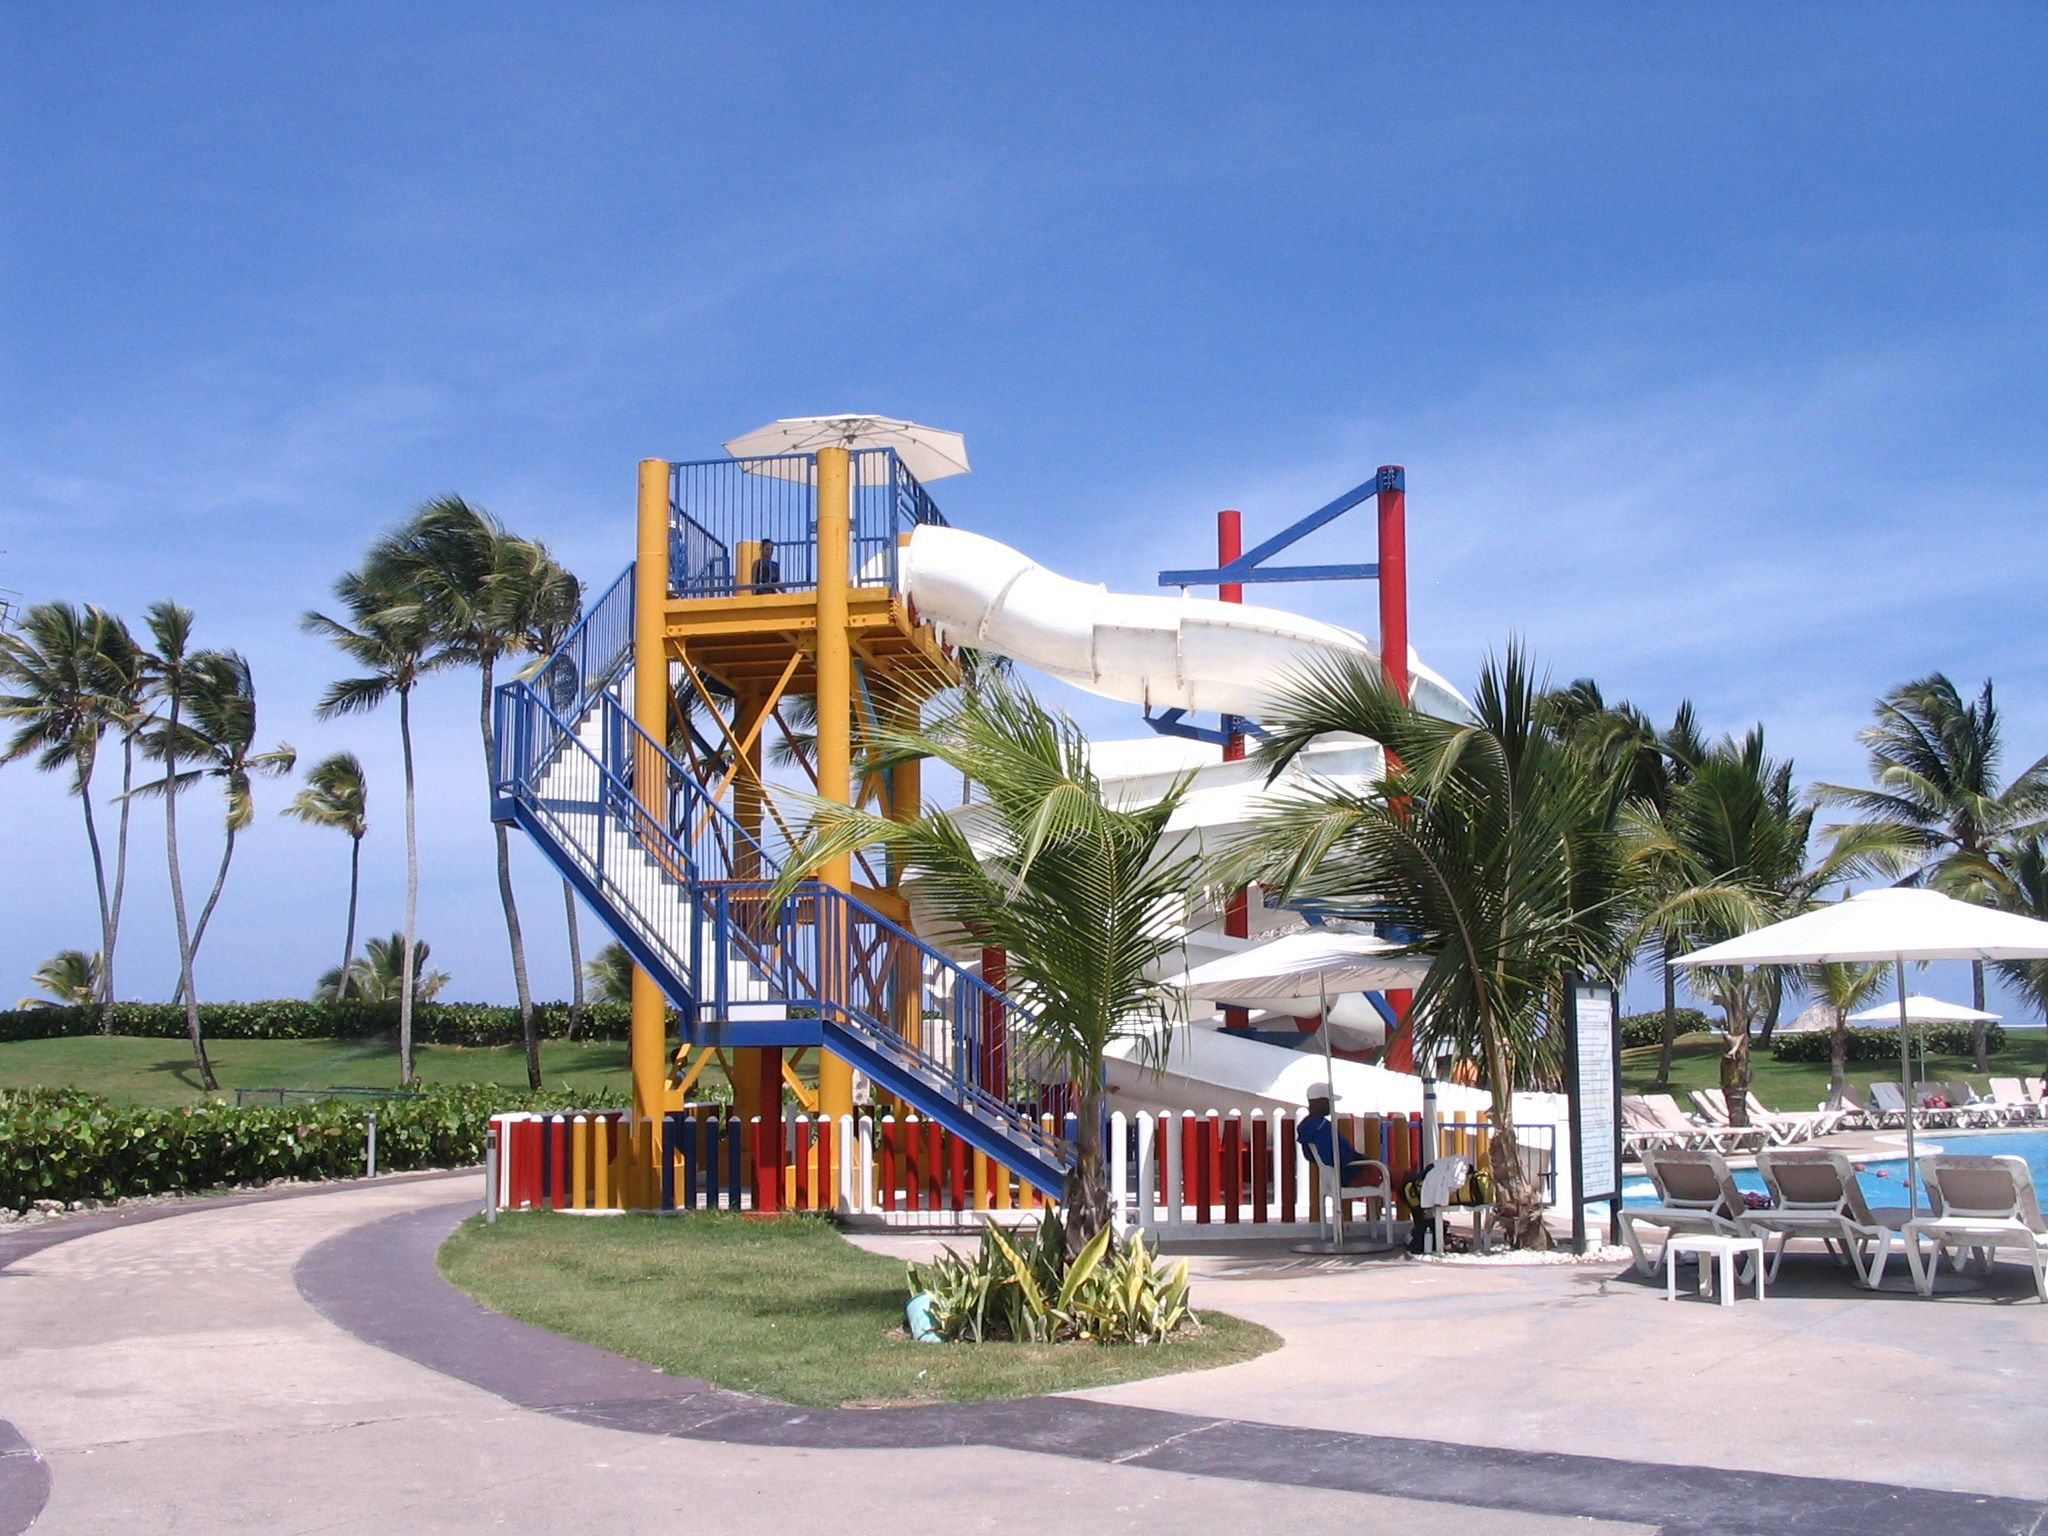 Rutschen Für Kinder Punta Cana Dominikanische Republik Tiffanys Destination Destination Wedding Rock Punta Ashtons Water Slide Hard Rock